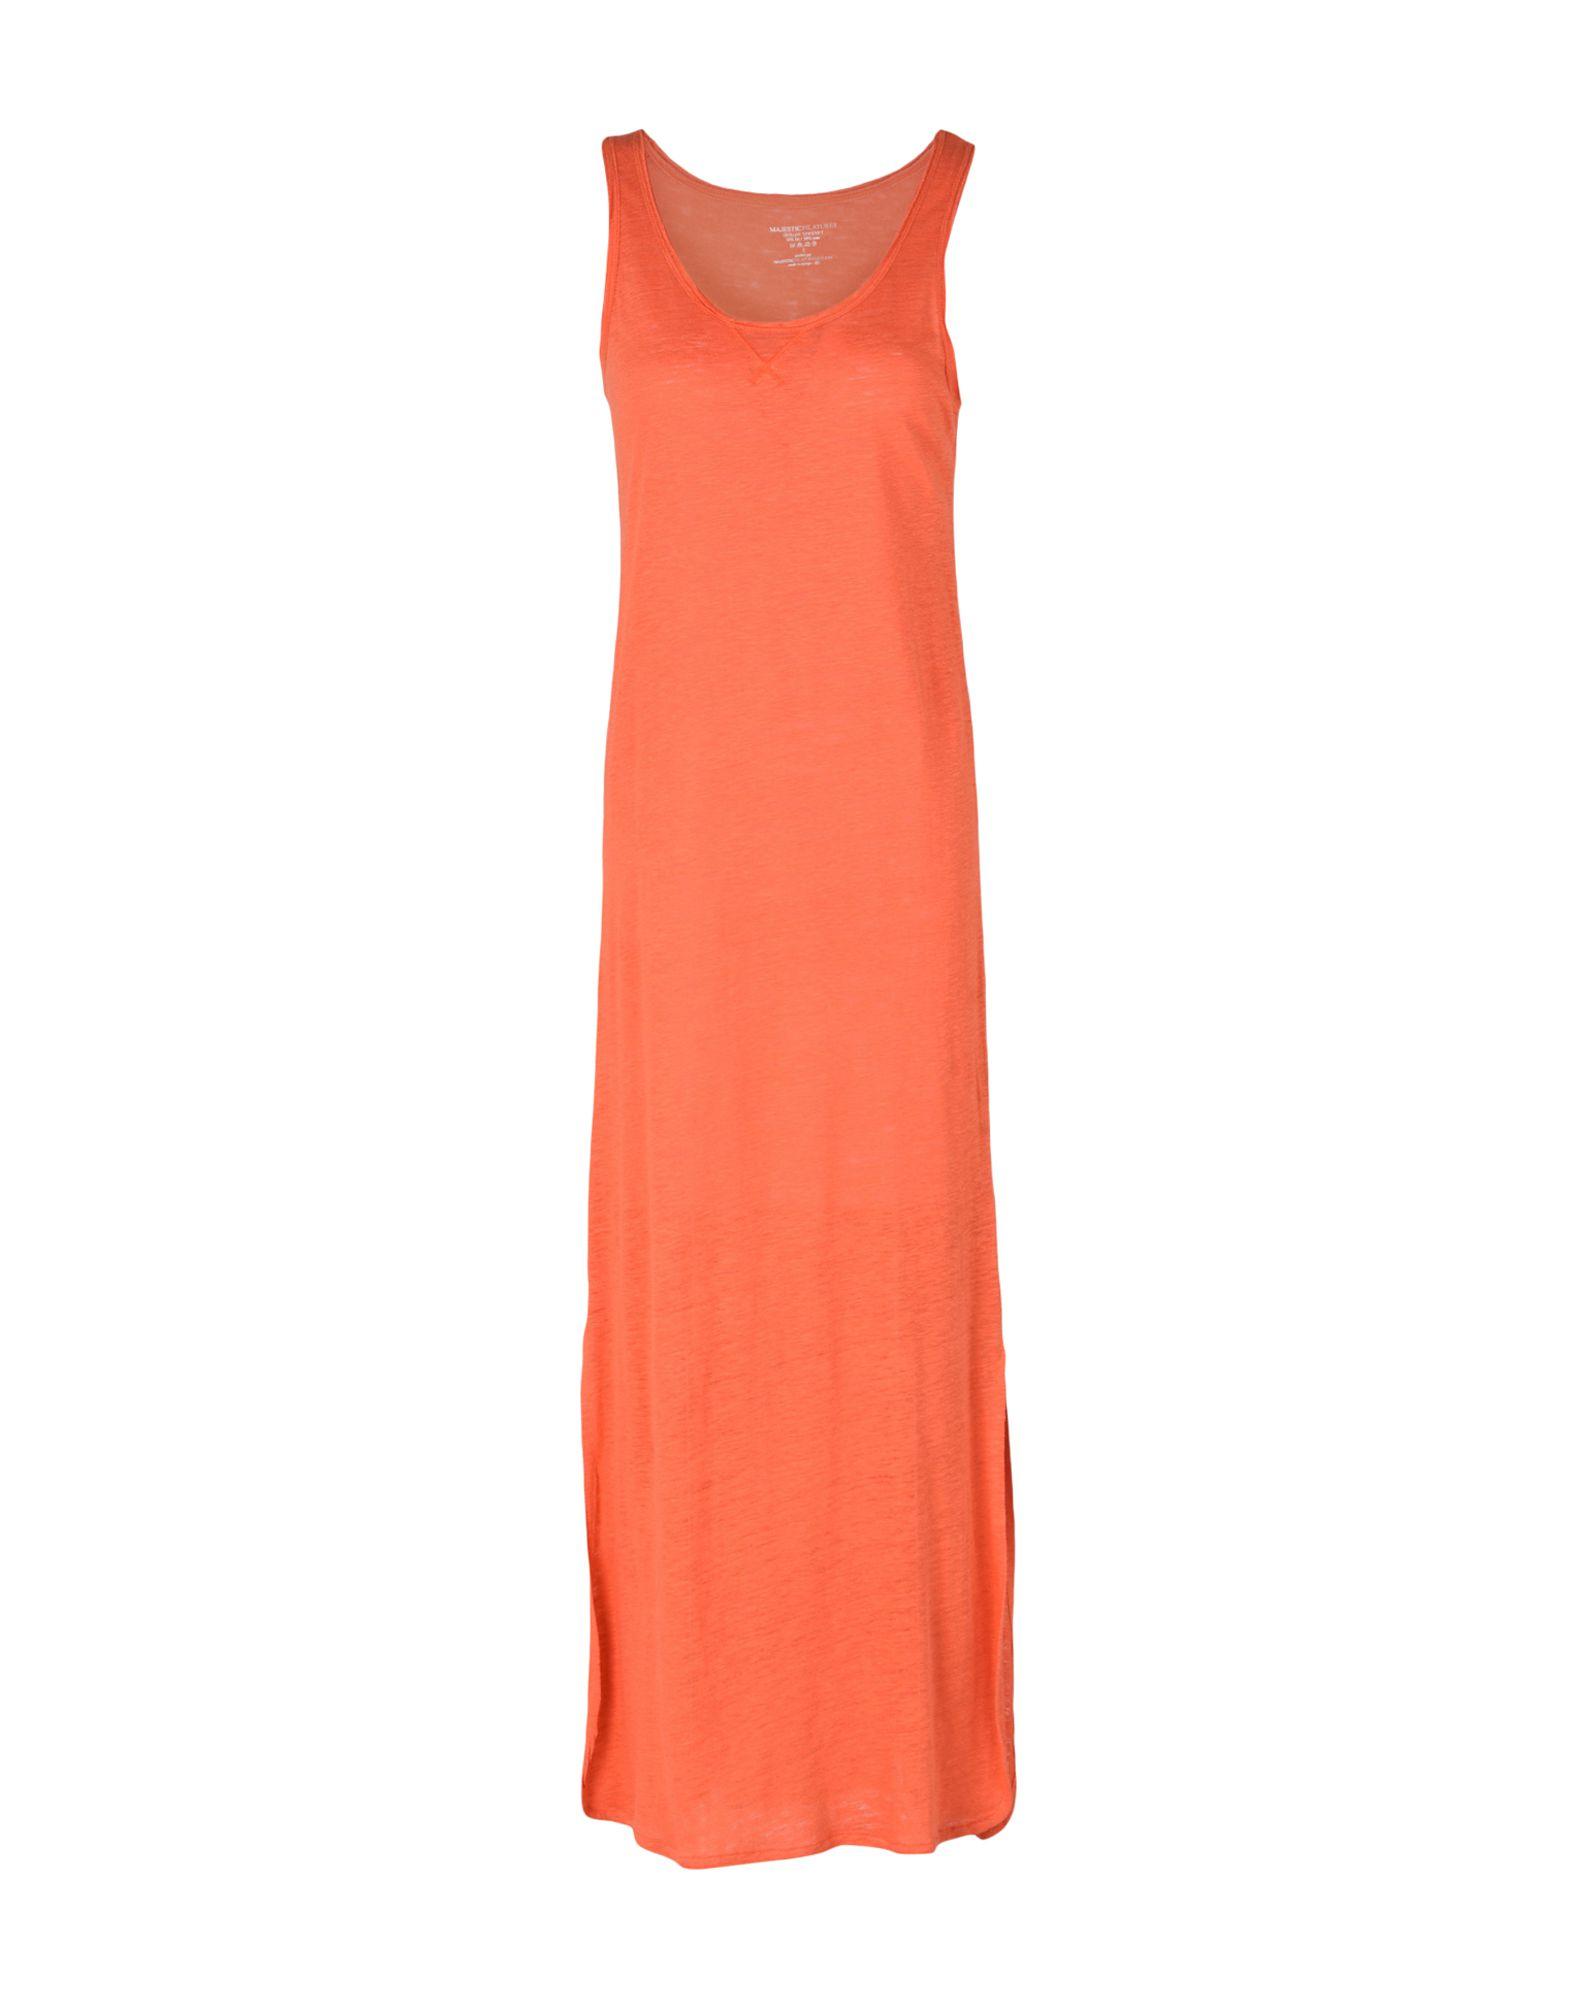 MAJESTIC FILATURES Damen Langes Kleid Farbe Koralle Größe 4